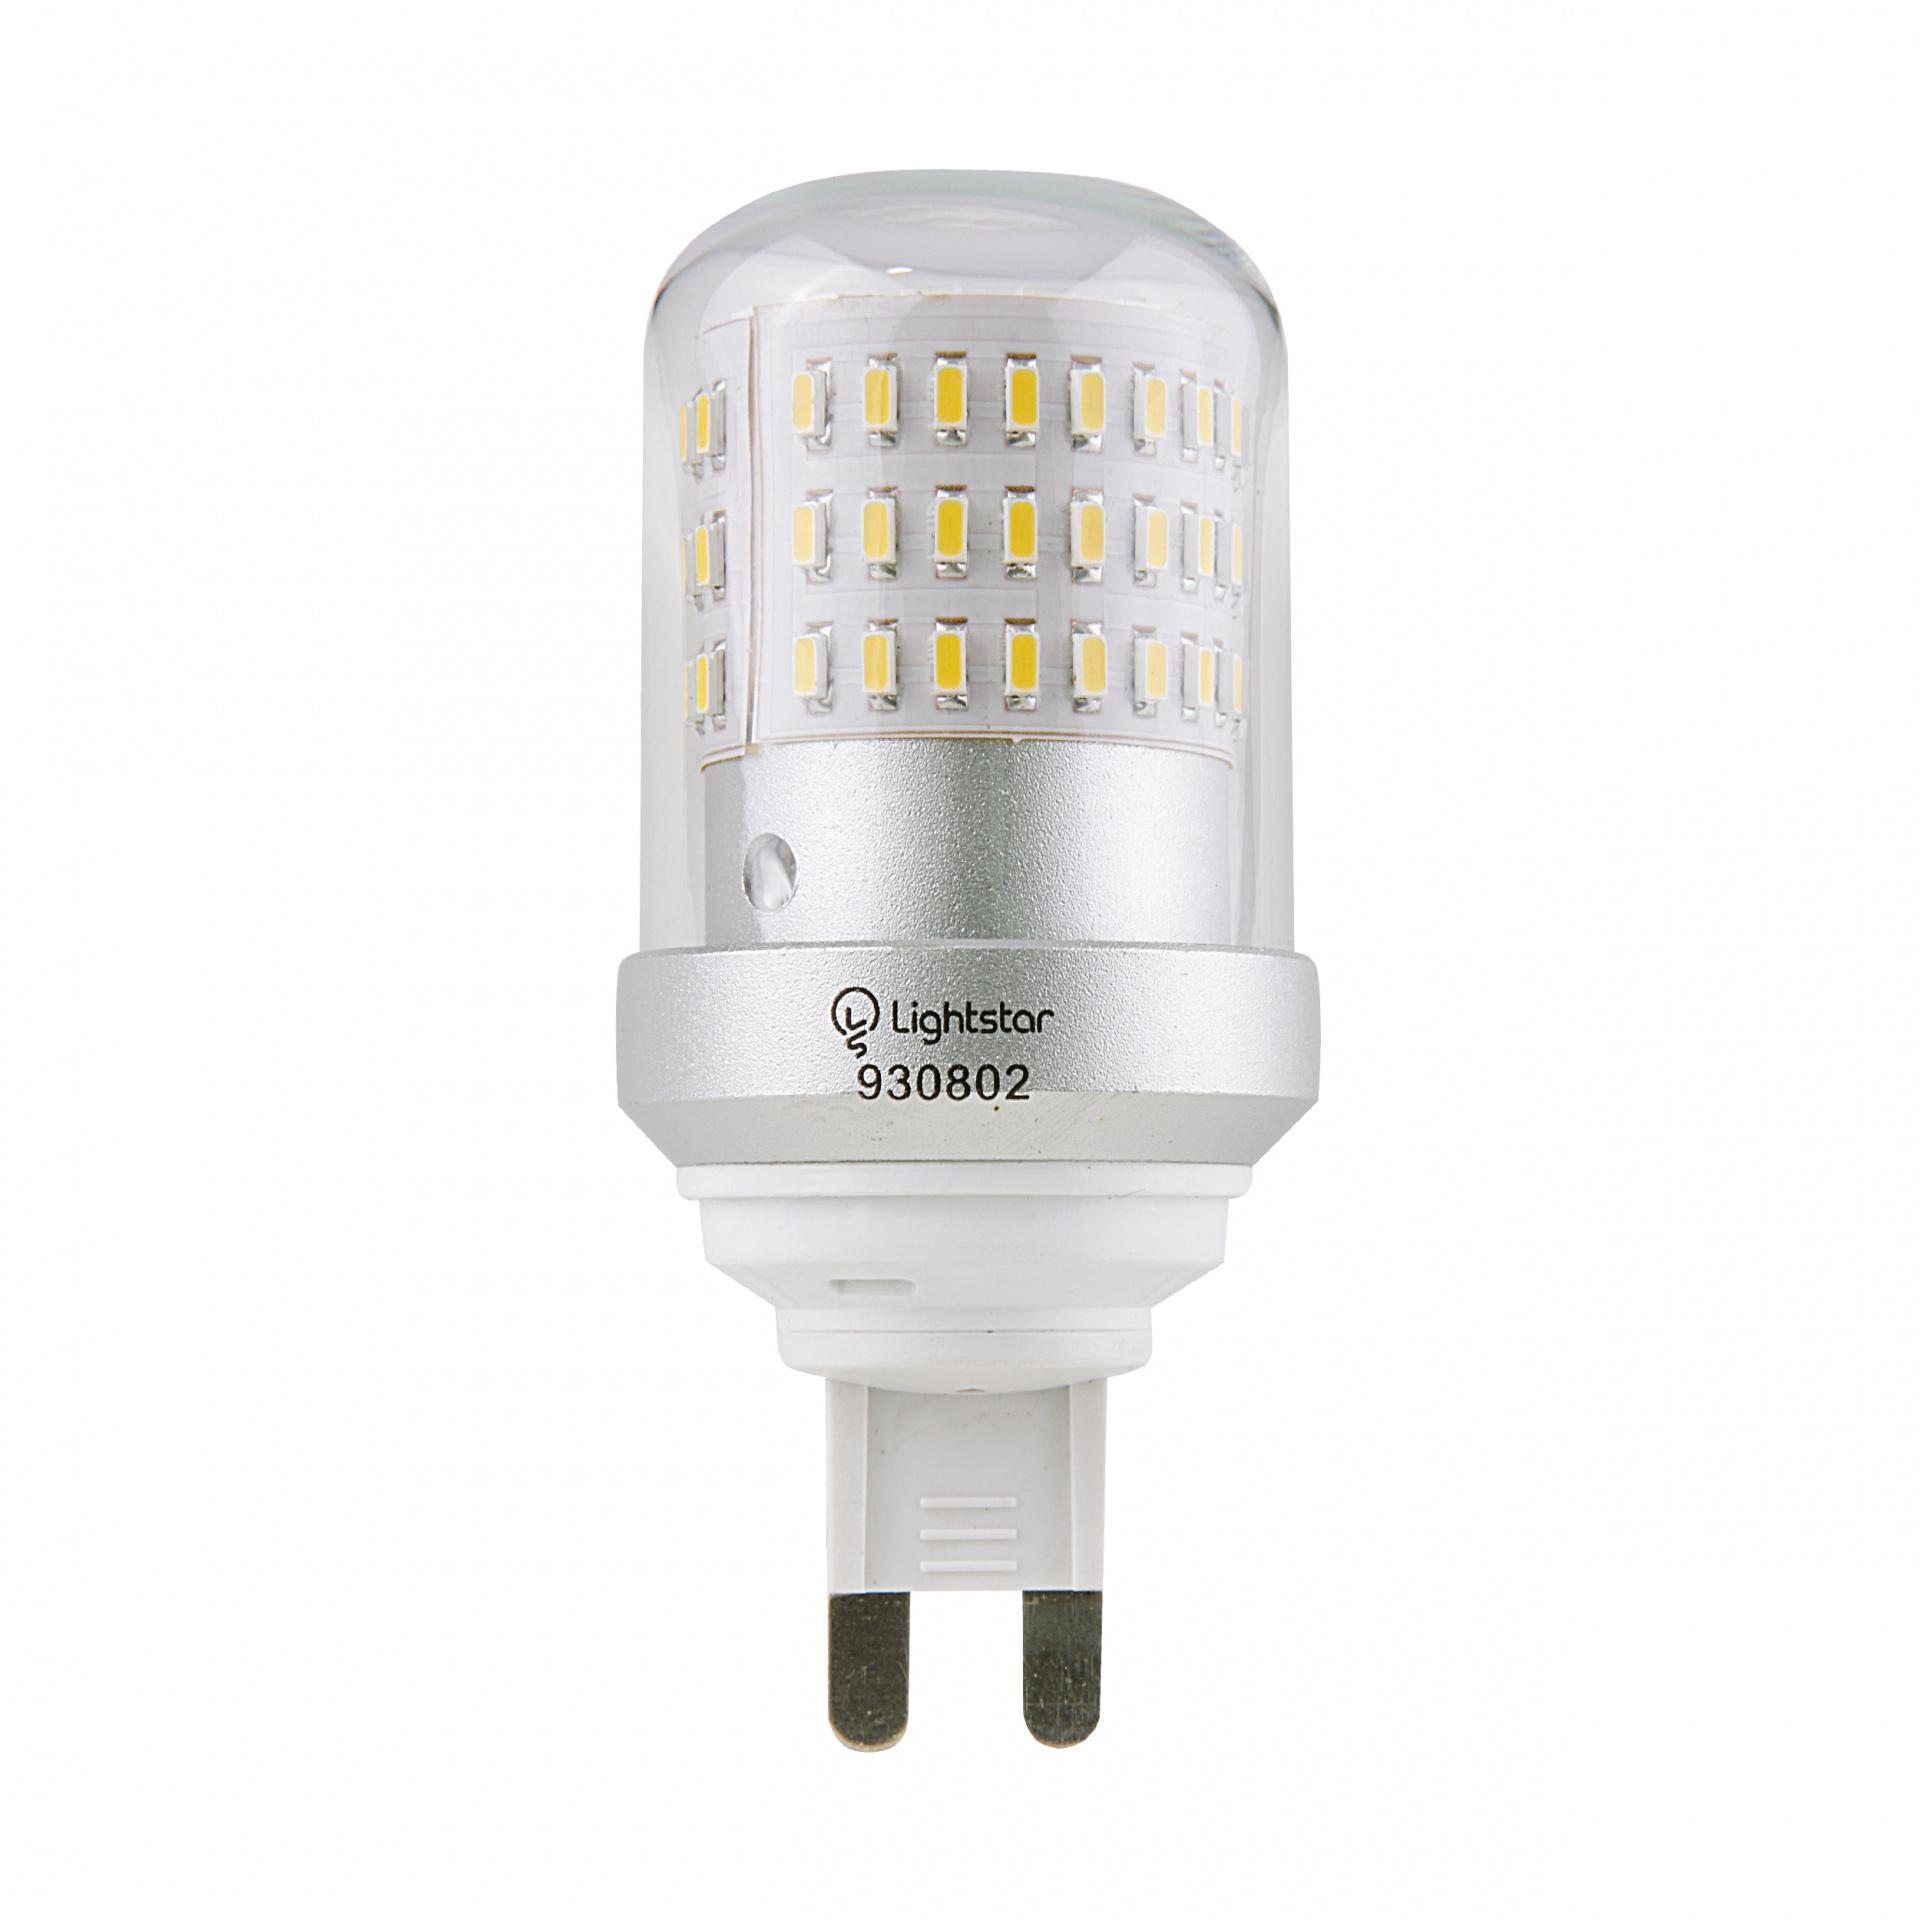 Лампа LED 220V T35 G9 9W=90W 850LM 360G CL 3000K 20000H Lightstar 930802, купить в СПб, Москве, с доставкой, Санкт-Петербург, интернет-магазин люстр и светильников Starlight, фото в жизни